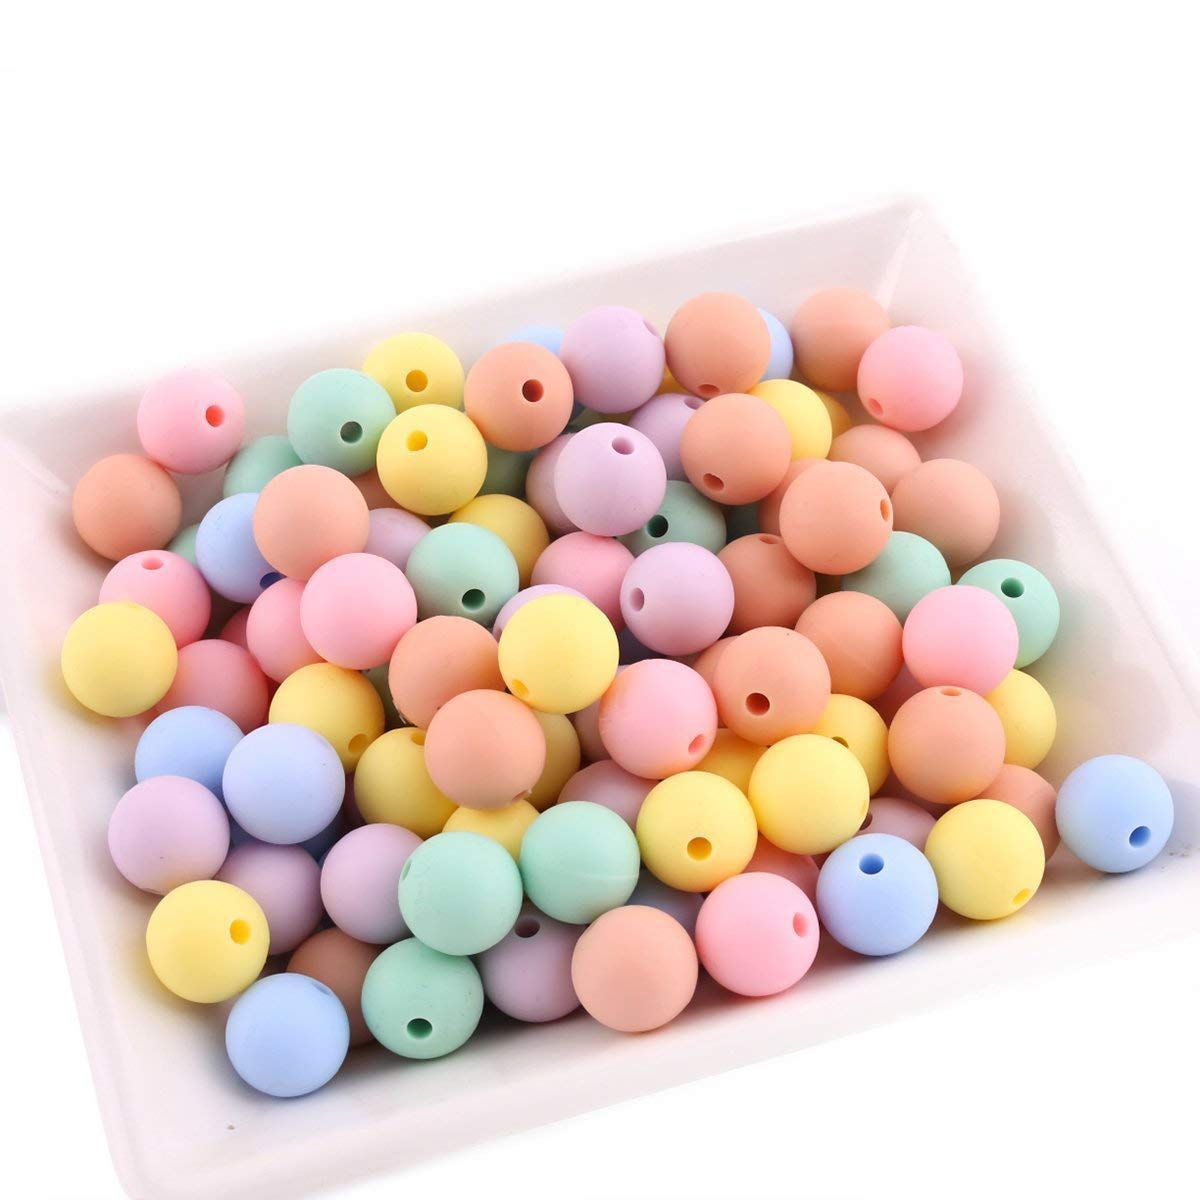 Best for baby 50pcs (12mm) Süßigkeiten Silikonperlen DIY Baby teether Halskette Armband Nippelclip Zubehör Baby spielzeug Geschenk